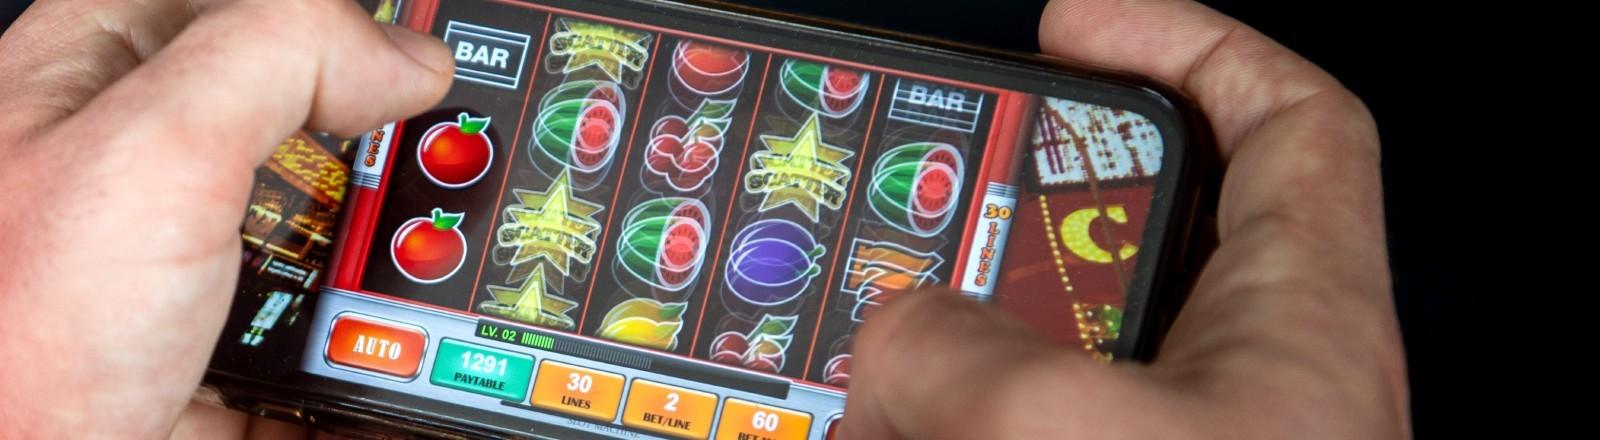 Ein Mann spielt en Glücksspiel auf seinem Smartphone im Netz.